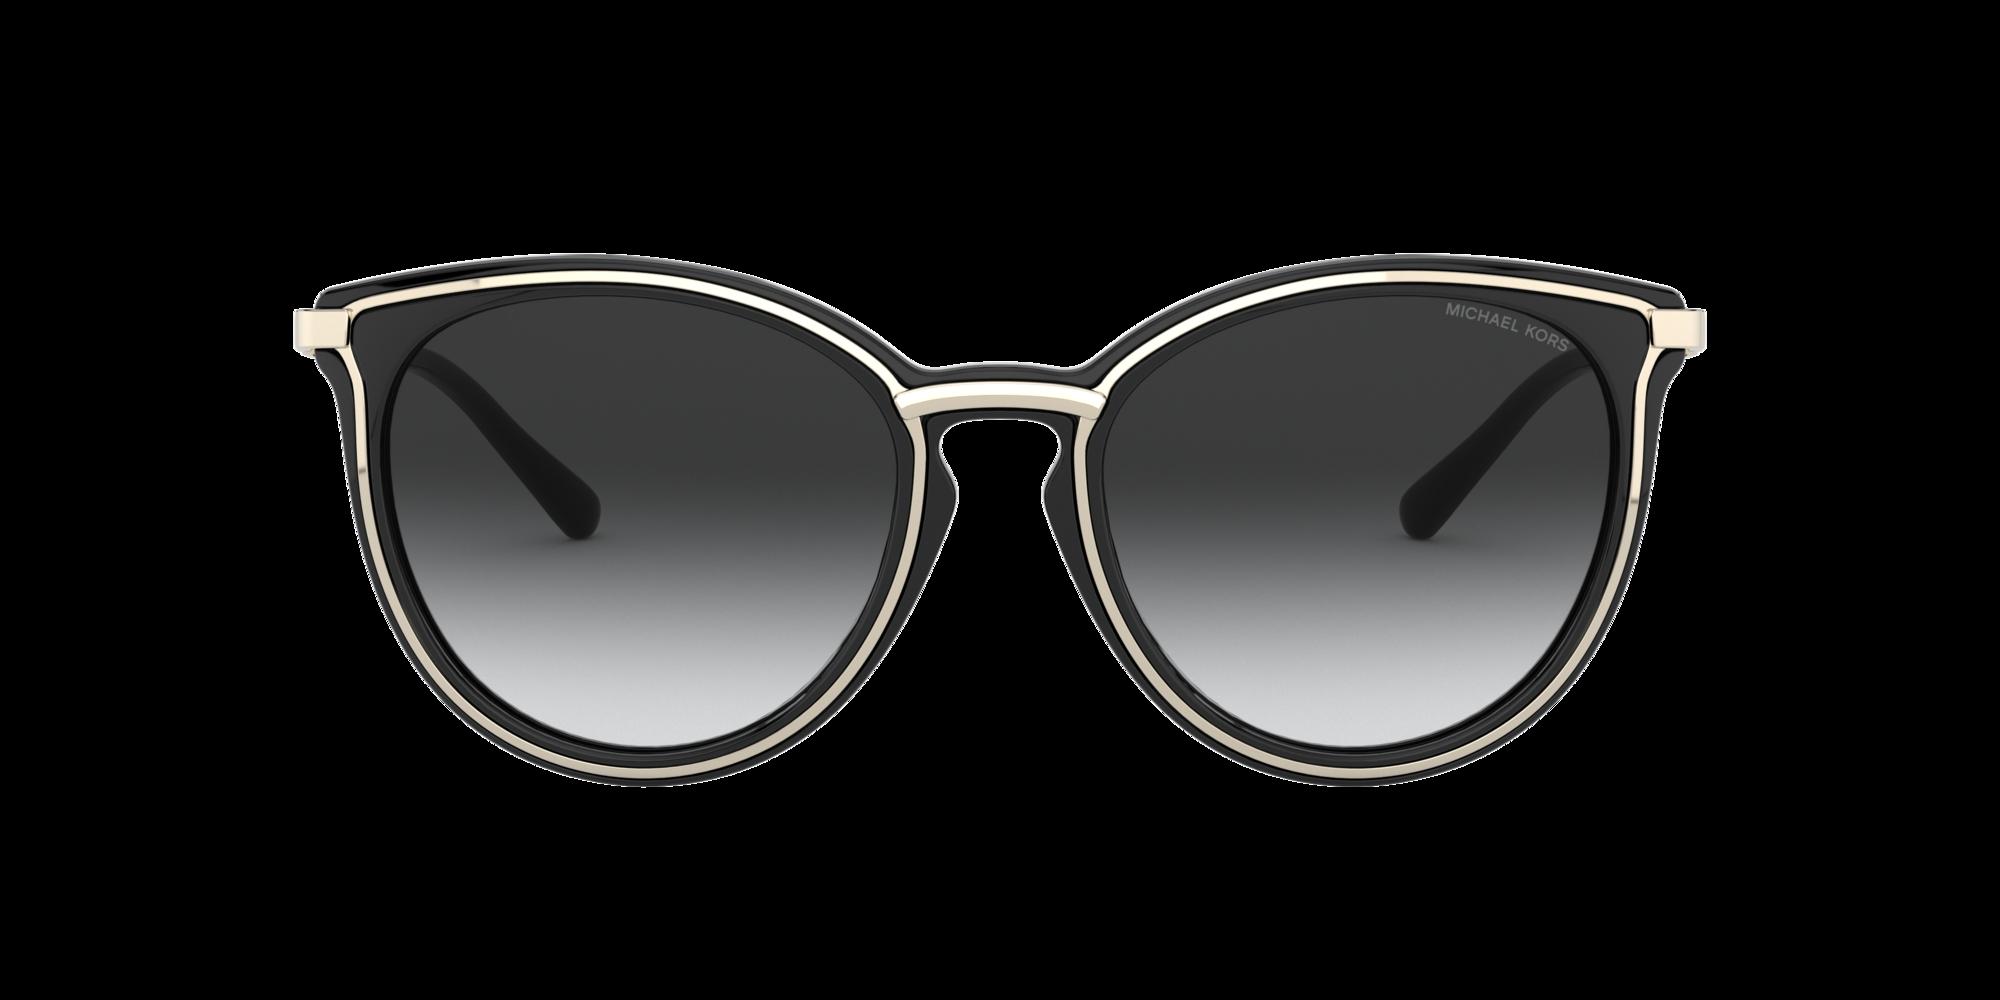 Image for MK1077 54 BRISBANE from LensCrafters   Glasses, Prescription Glasses Online, Eyewear